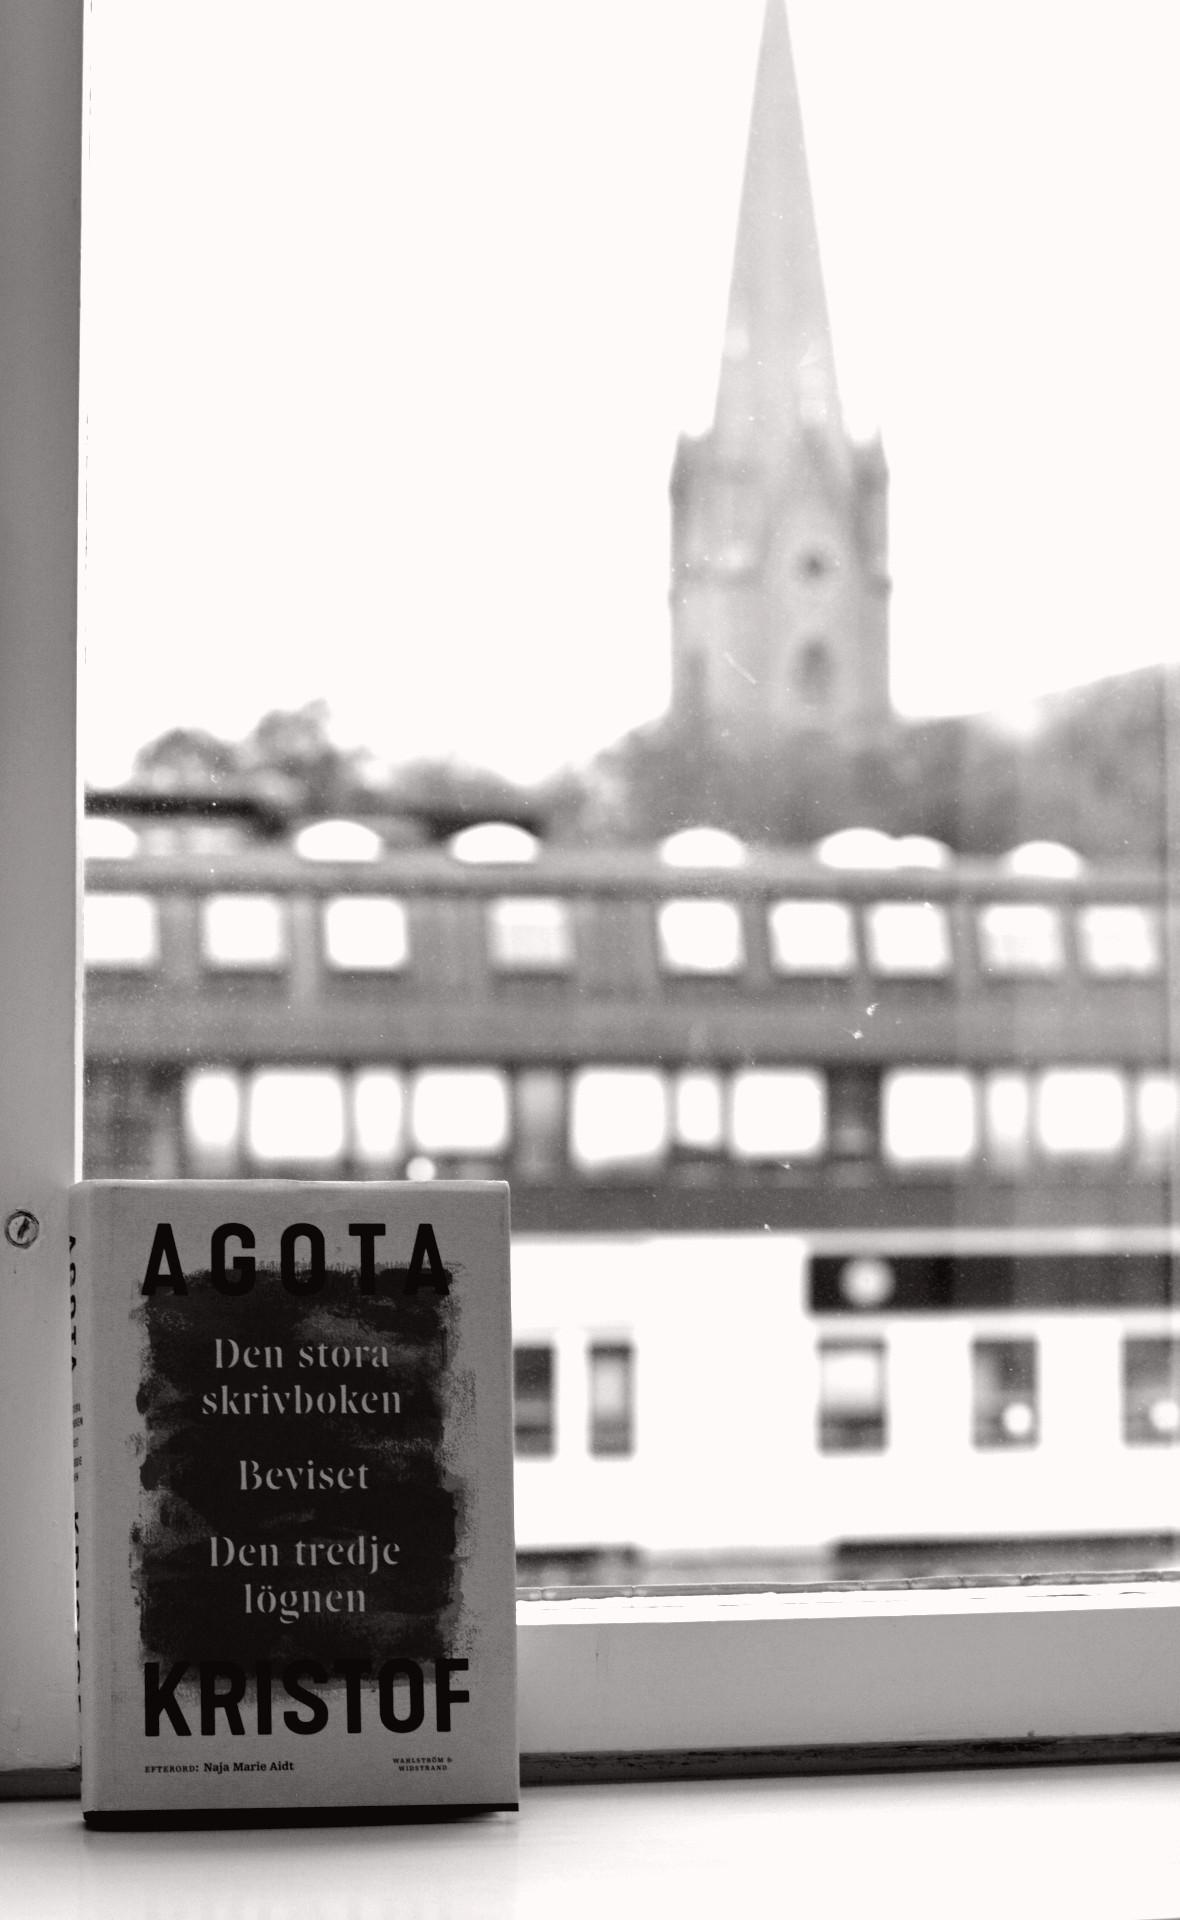 Den stora skrivboken-trilogin av Agota Kristof: Den stora skrivboken, Beviset och Den tredje lögnen